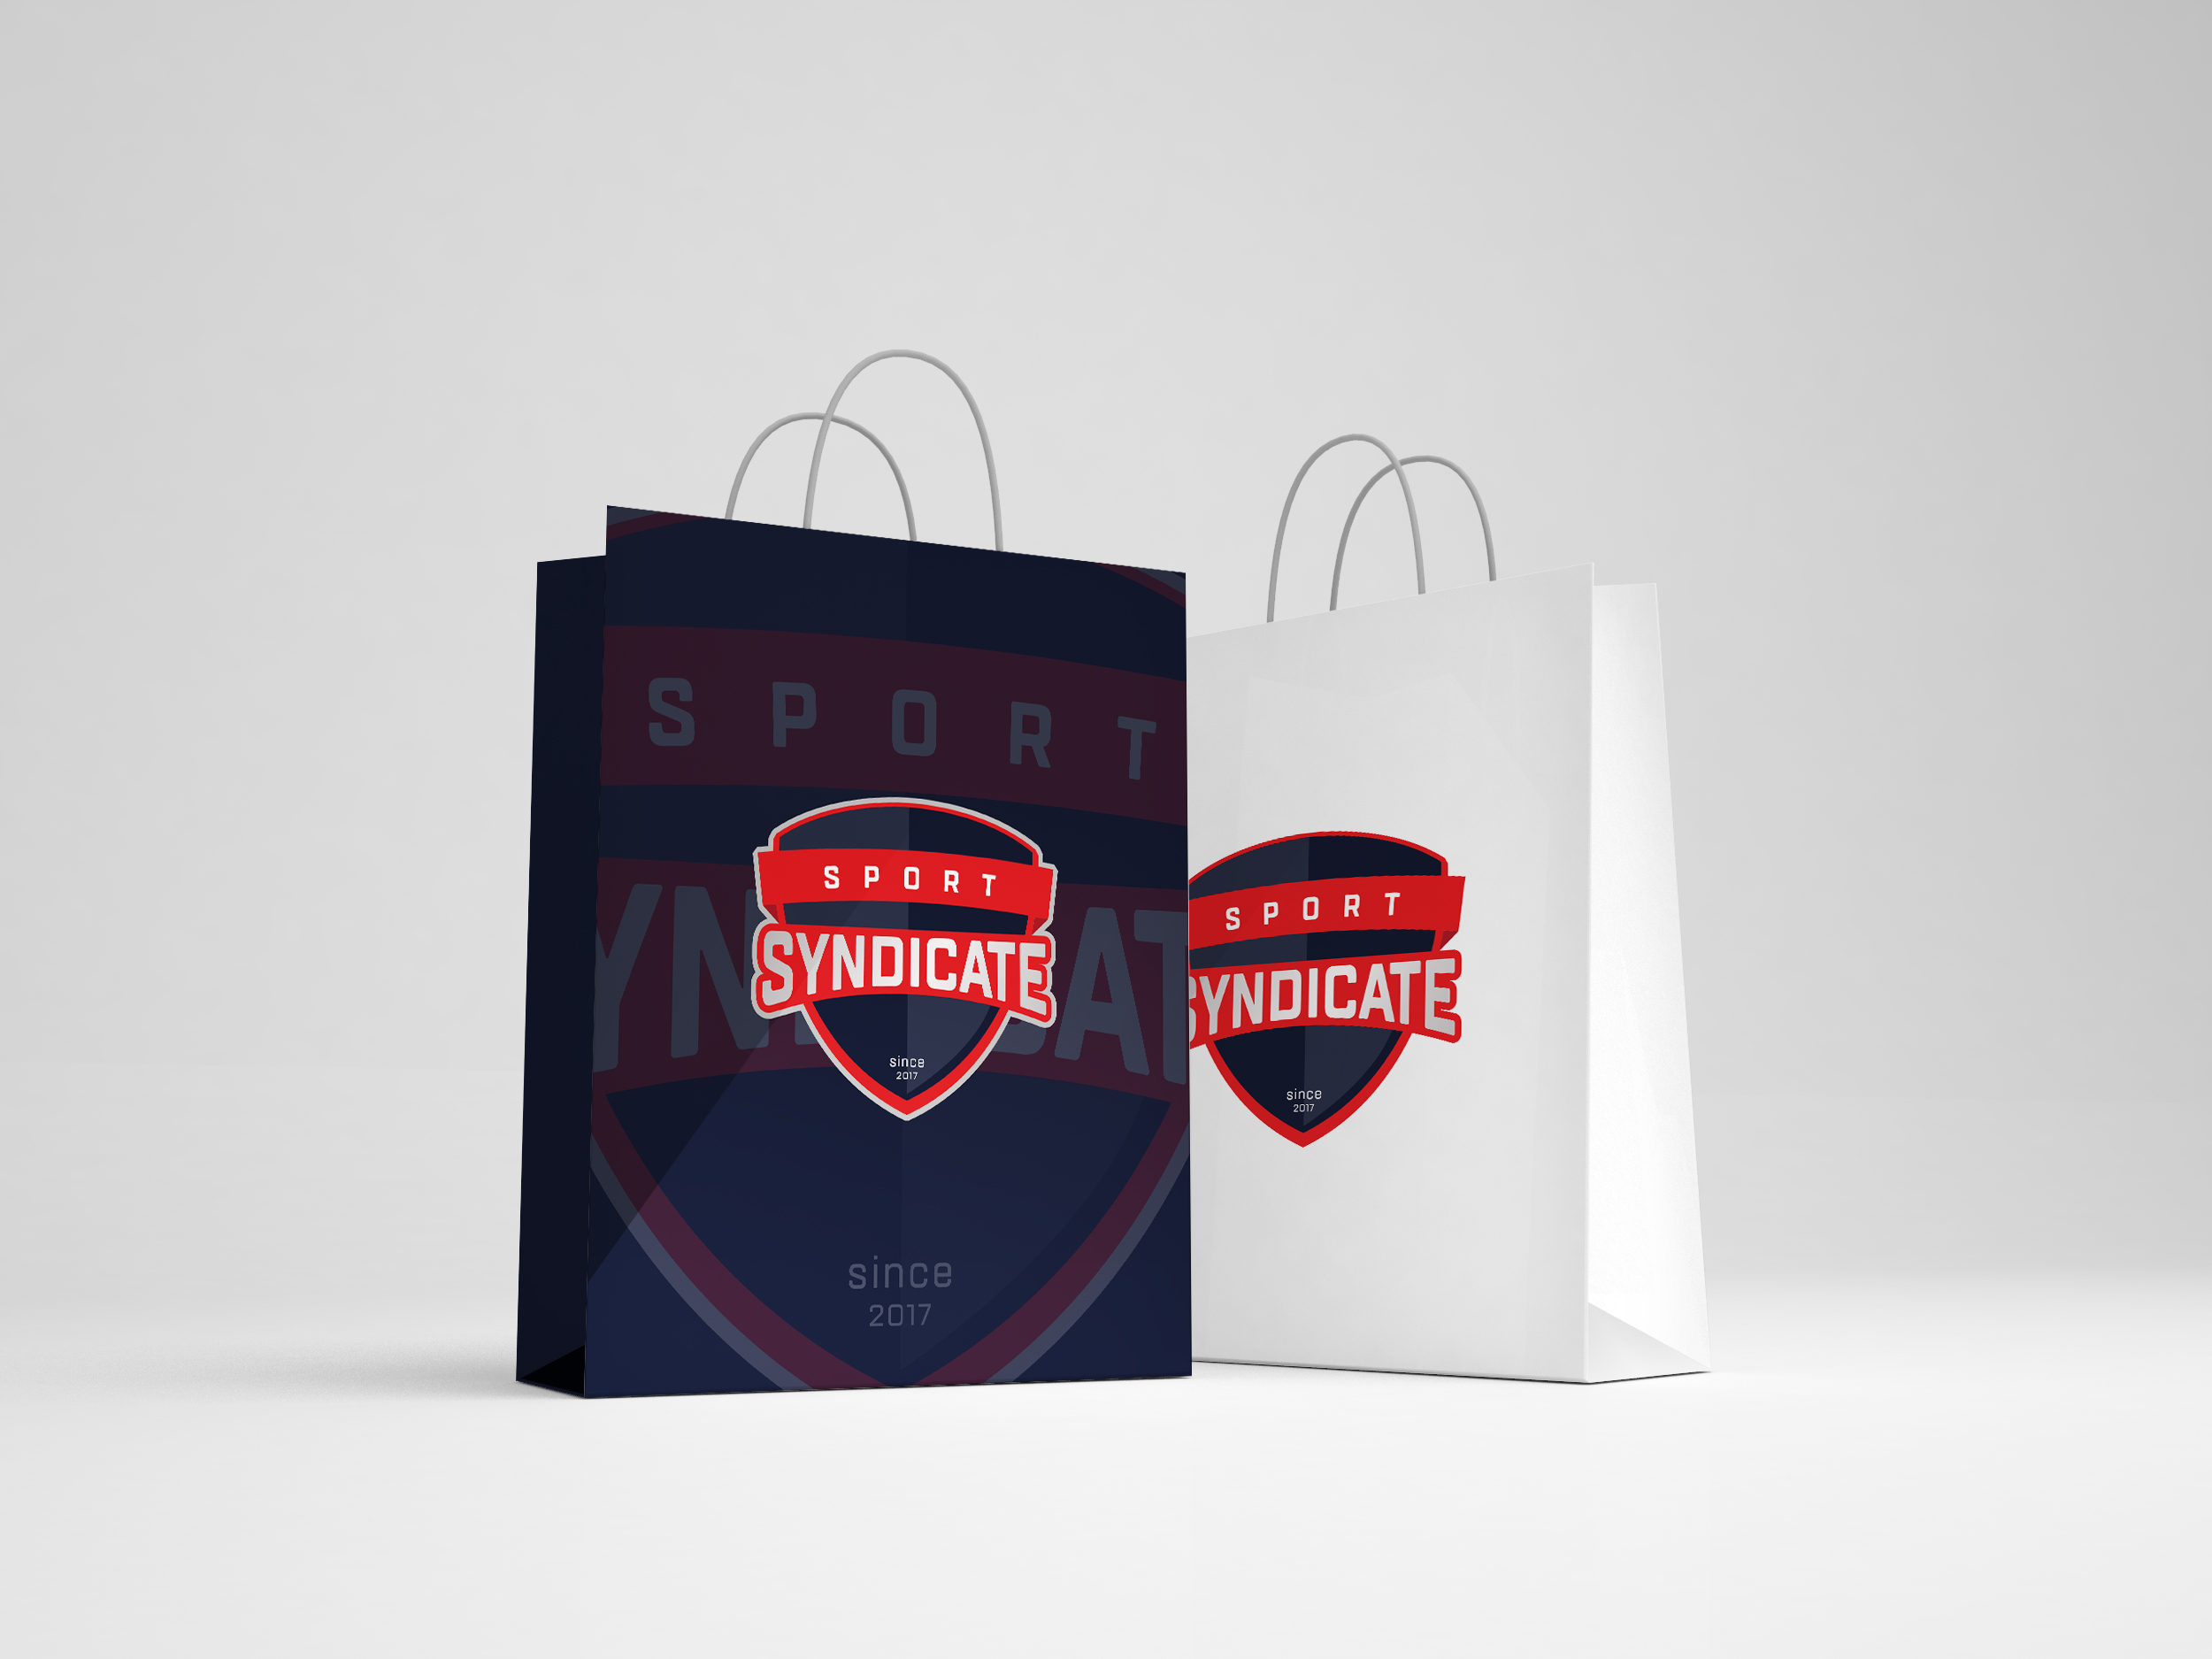 Создать логотип для сети магазинов спортивного питания фото f_94759777907a153c.jpg